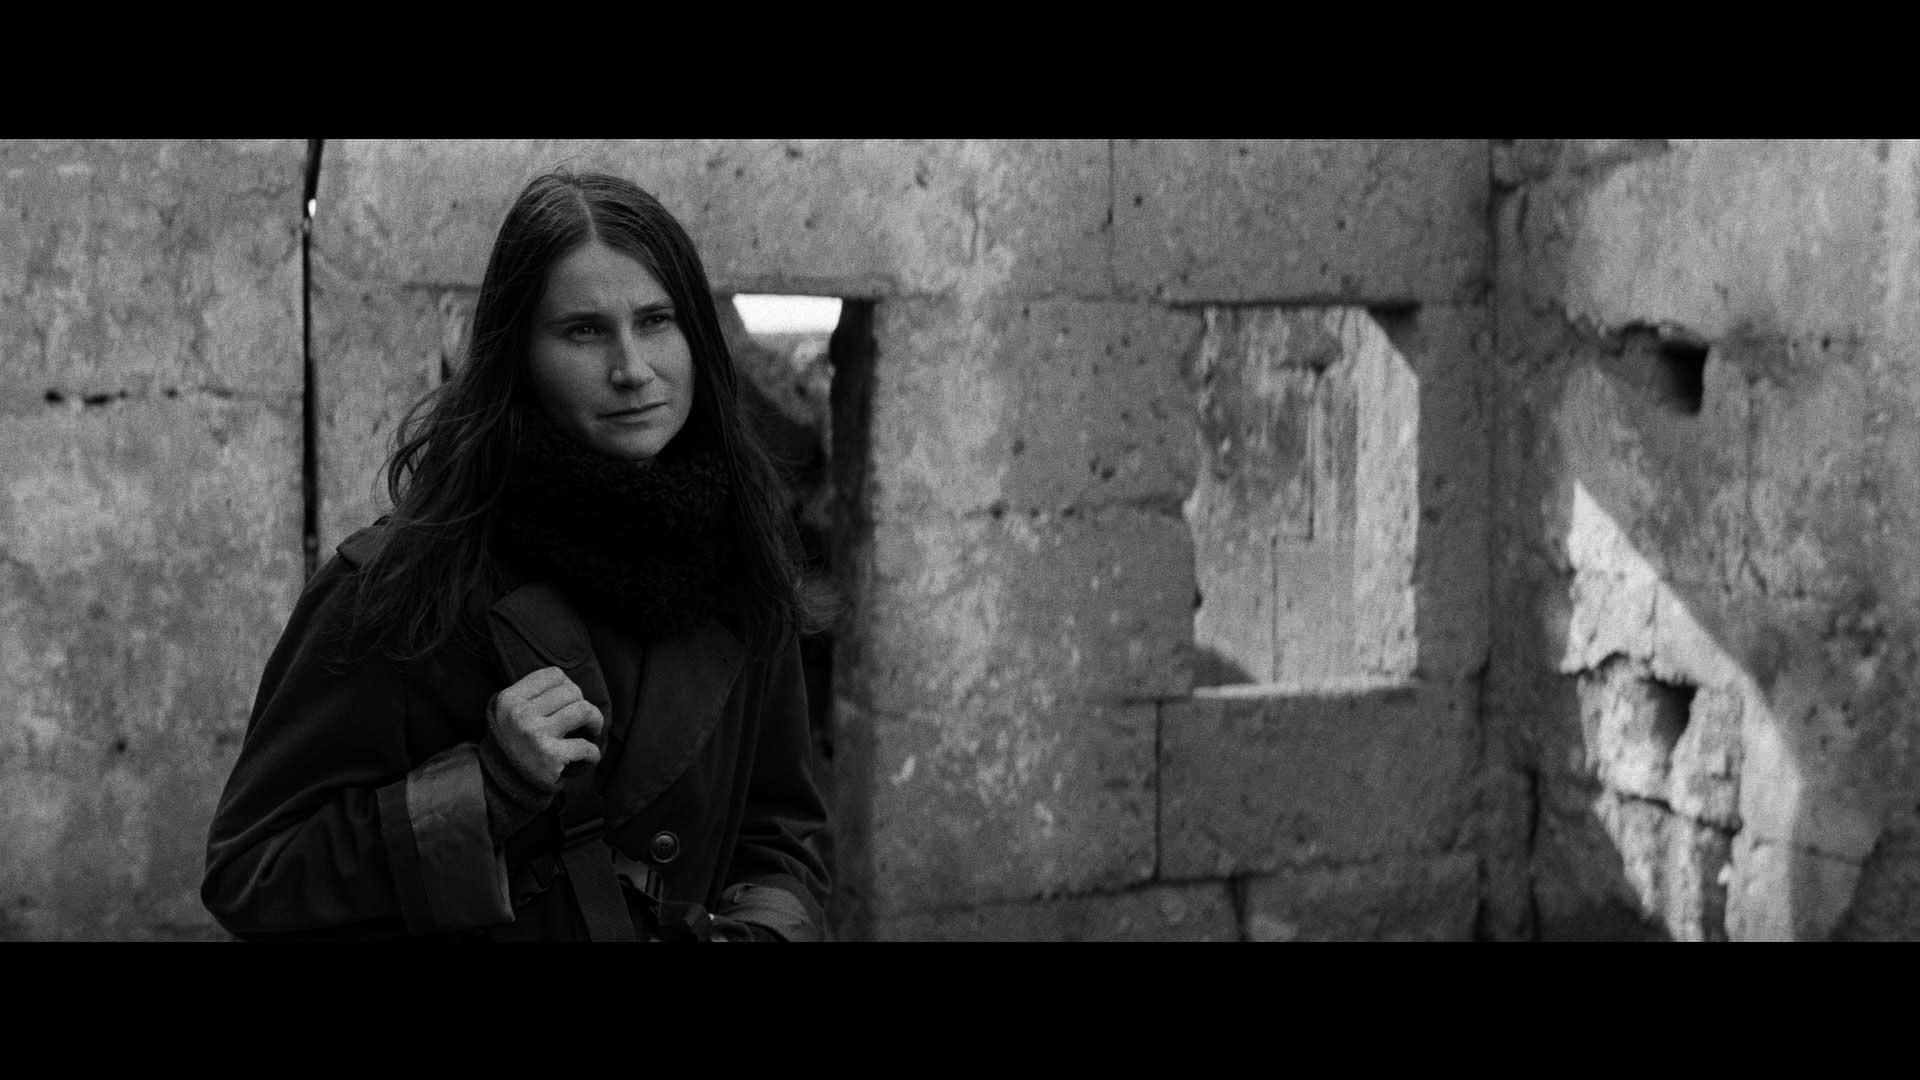 Grain_film-still_Alice